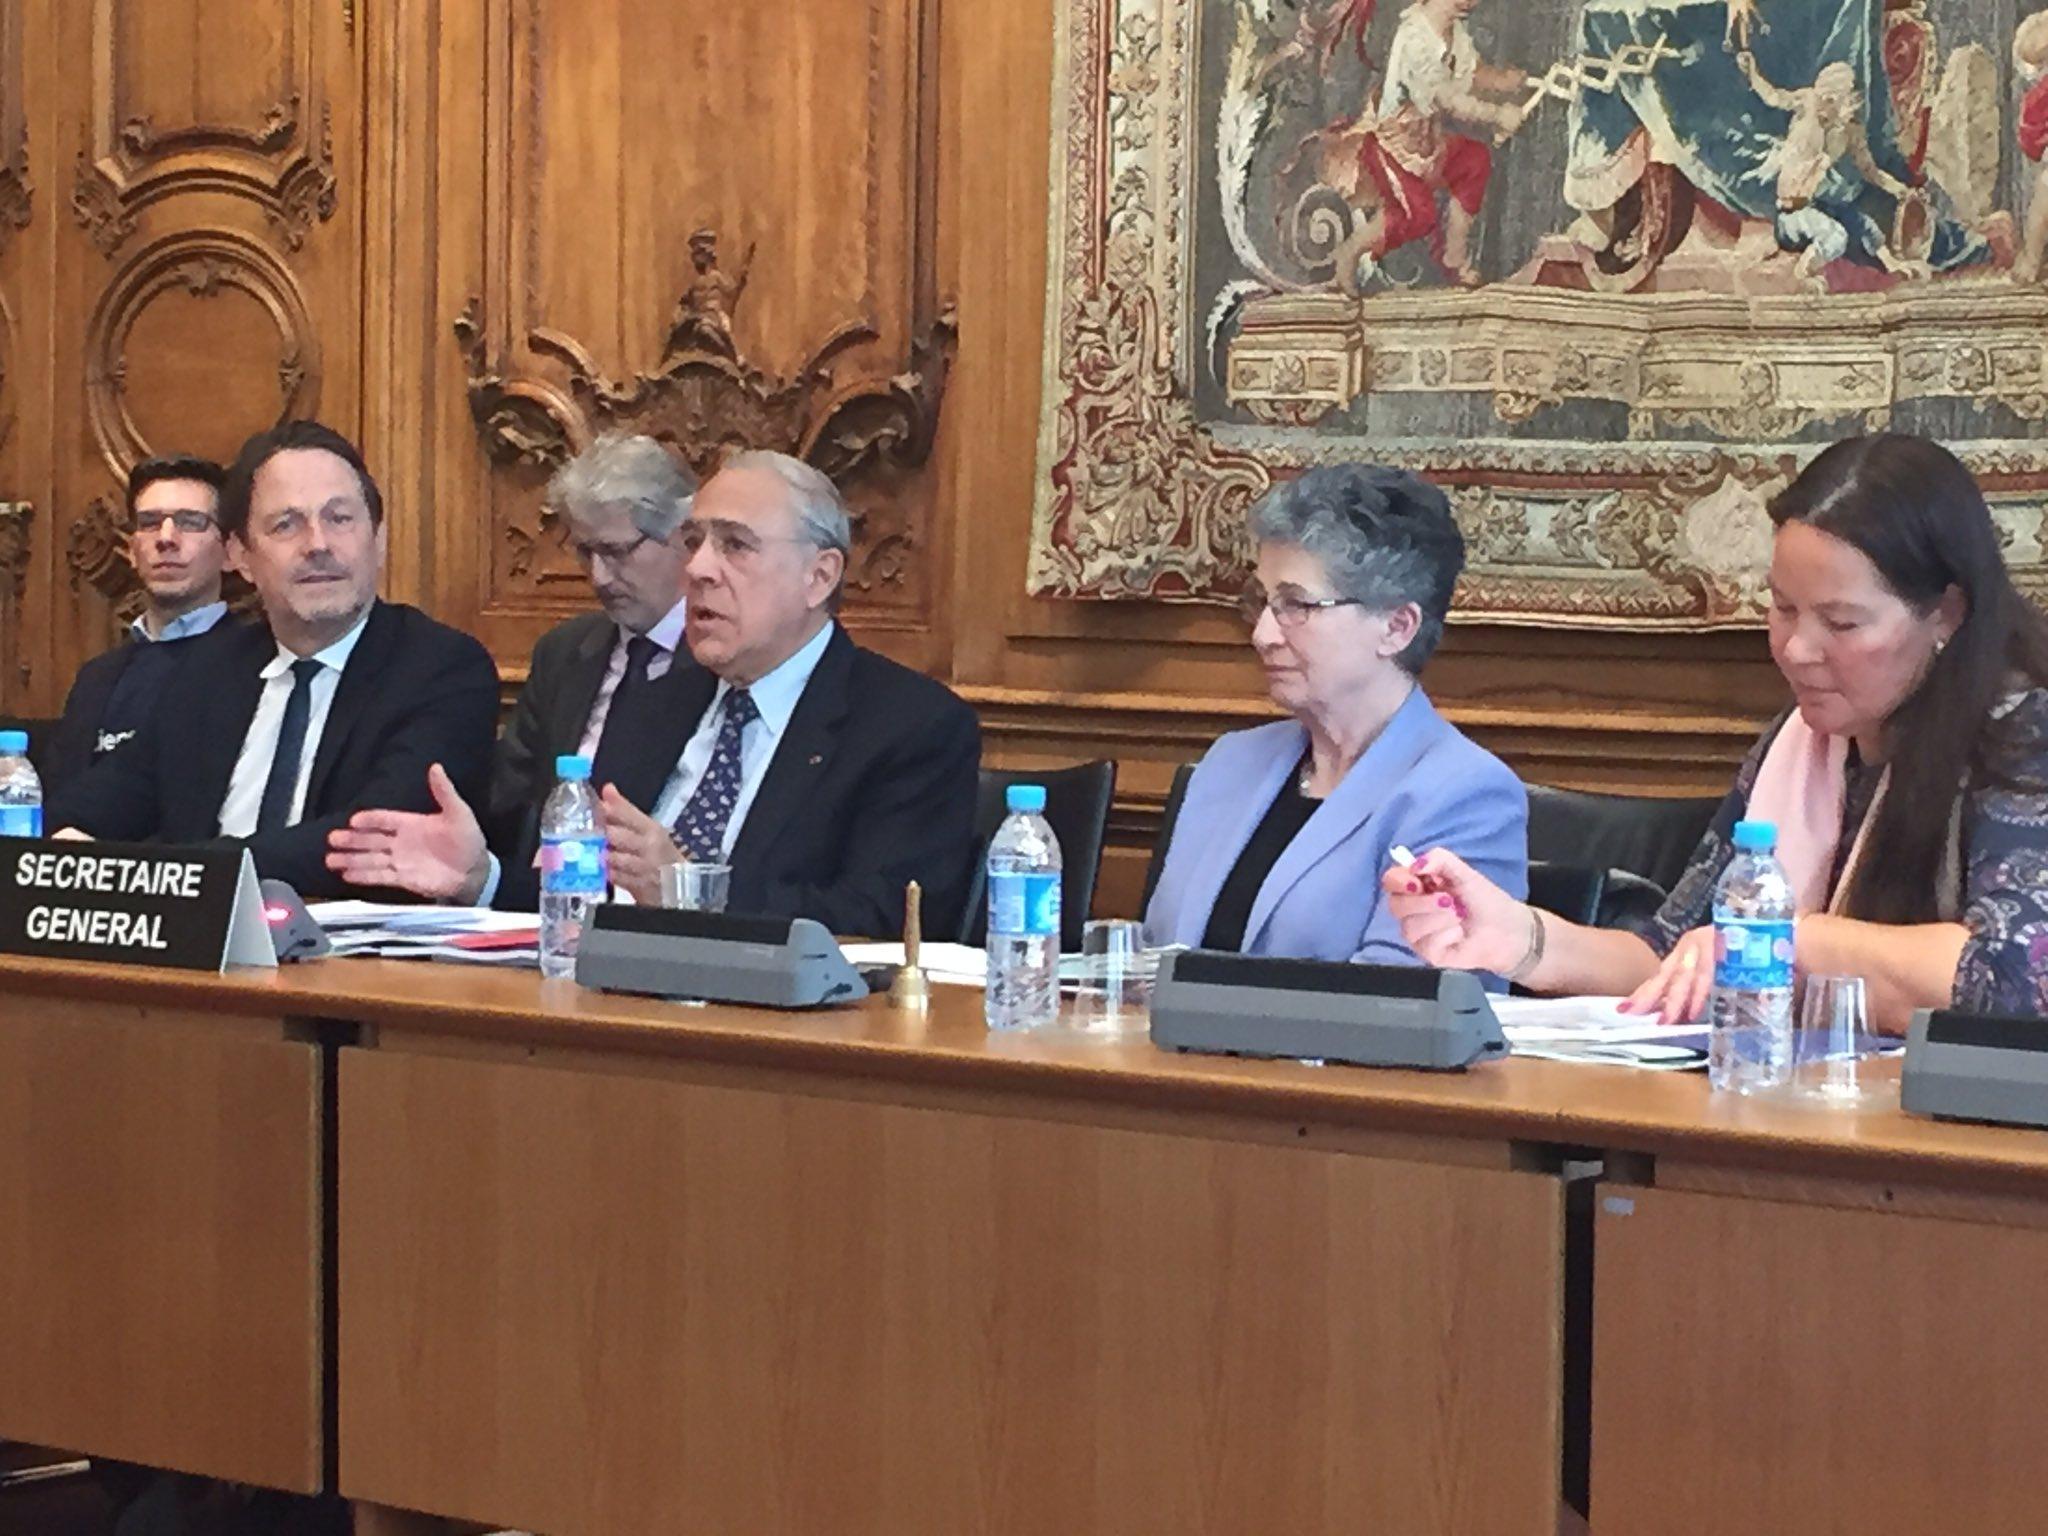 """פרופסור לנה מרקוסון (שנייה מימין) עם מזכ""""ל הארגון אנחל גורייה. מקור: המשלחת השבדית ל-OECD"""